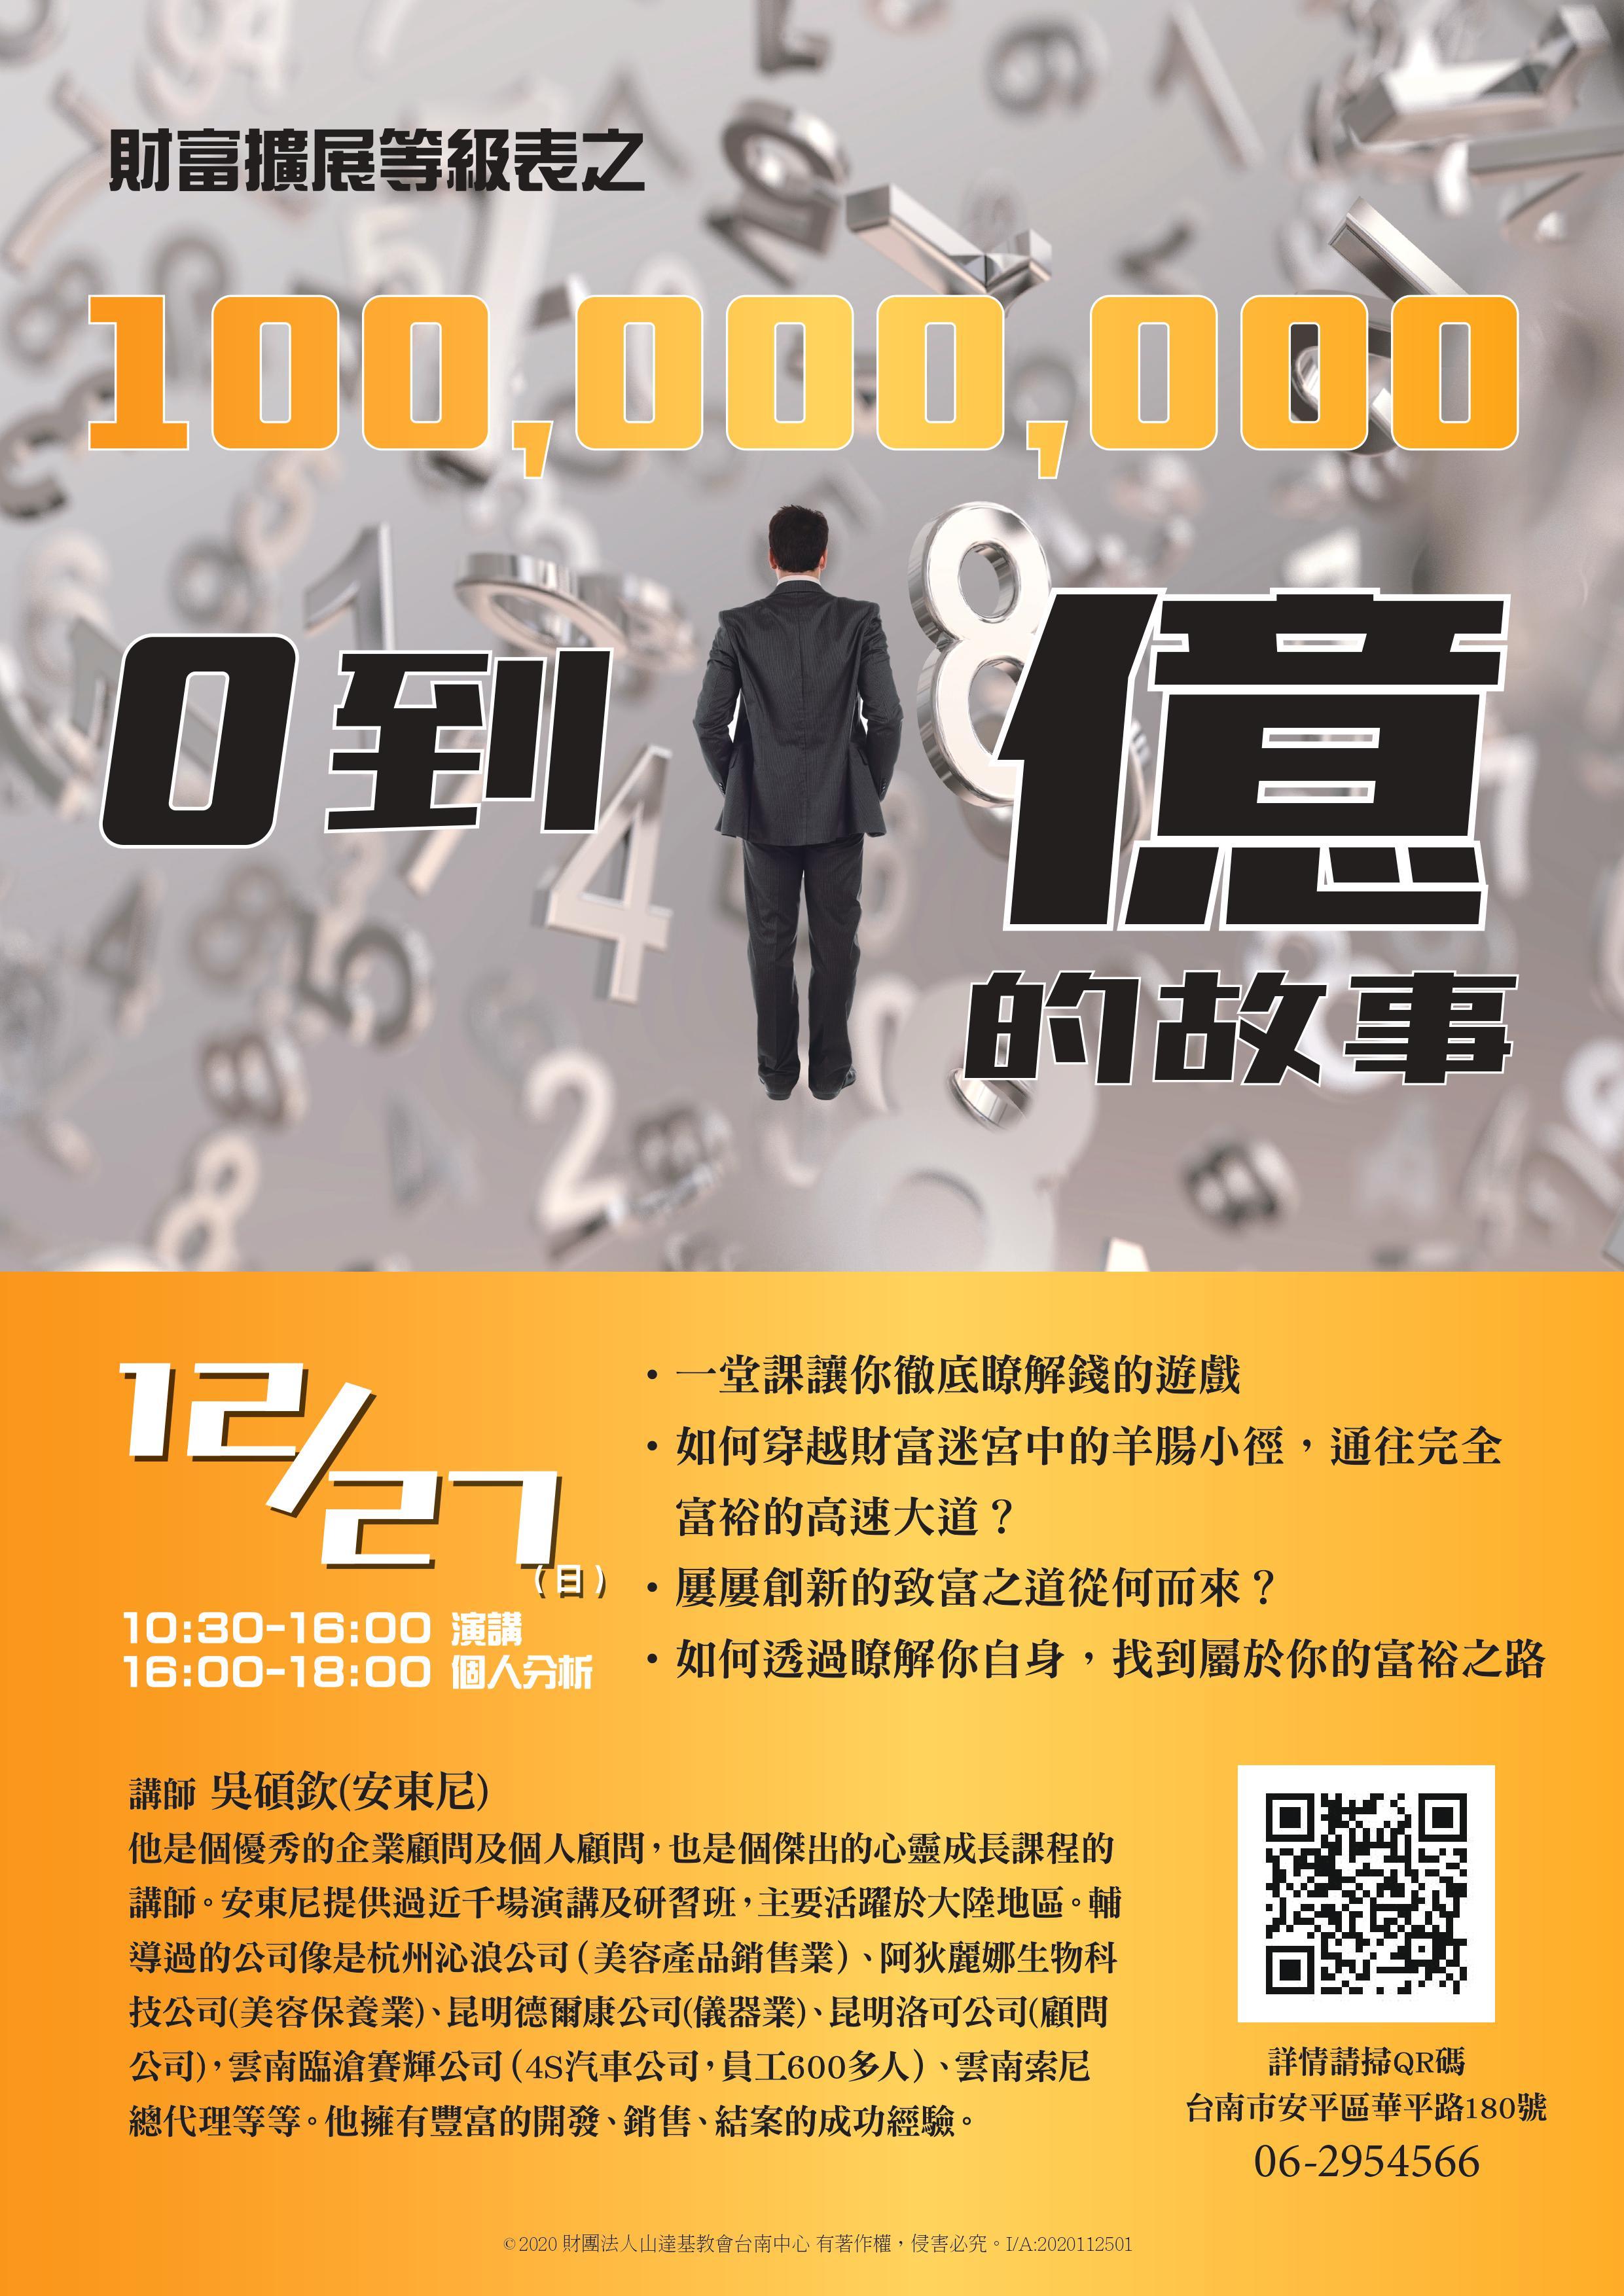 財富擴展研習班 12/27